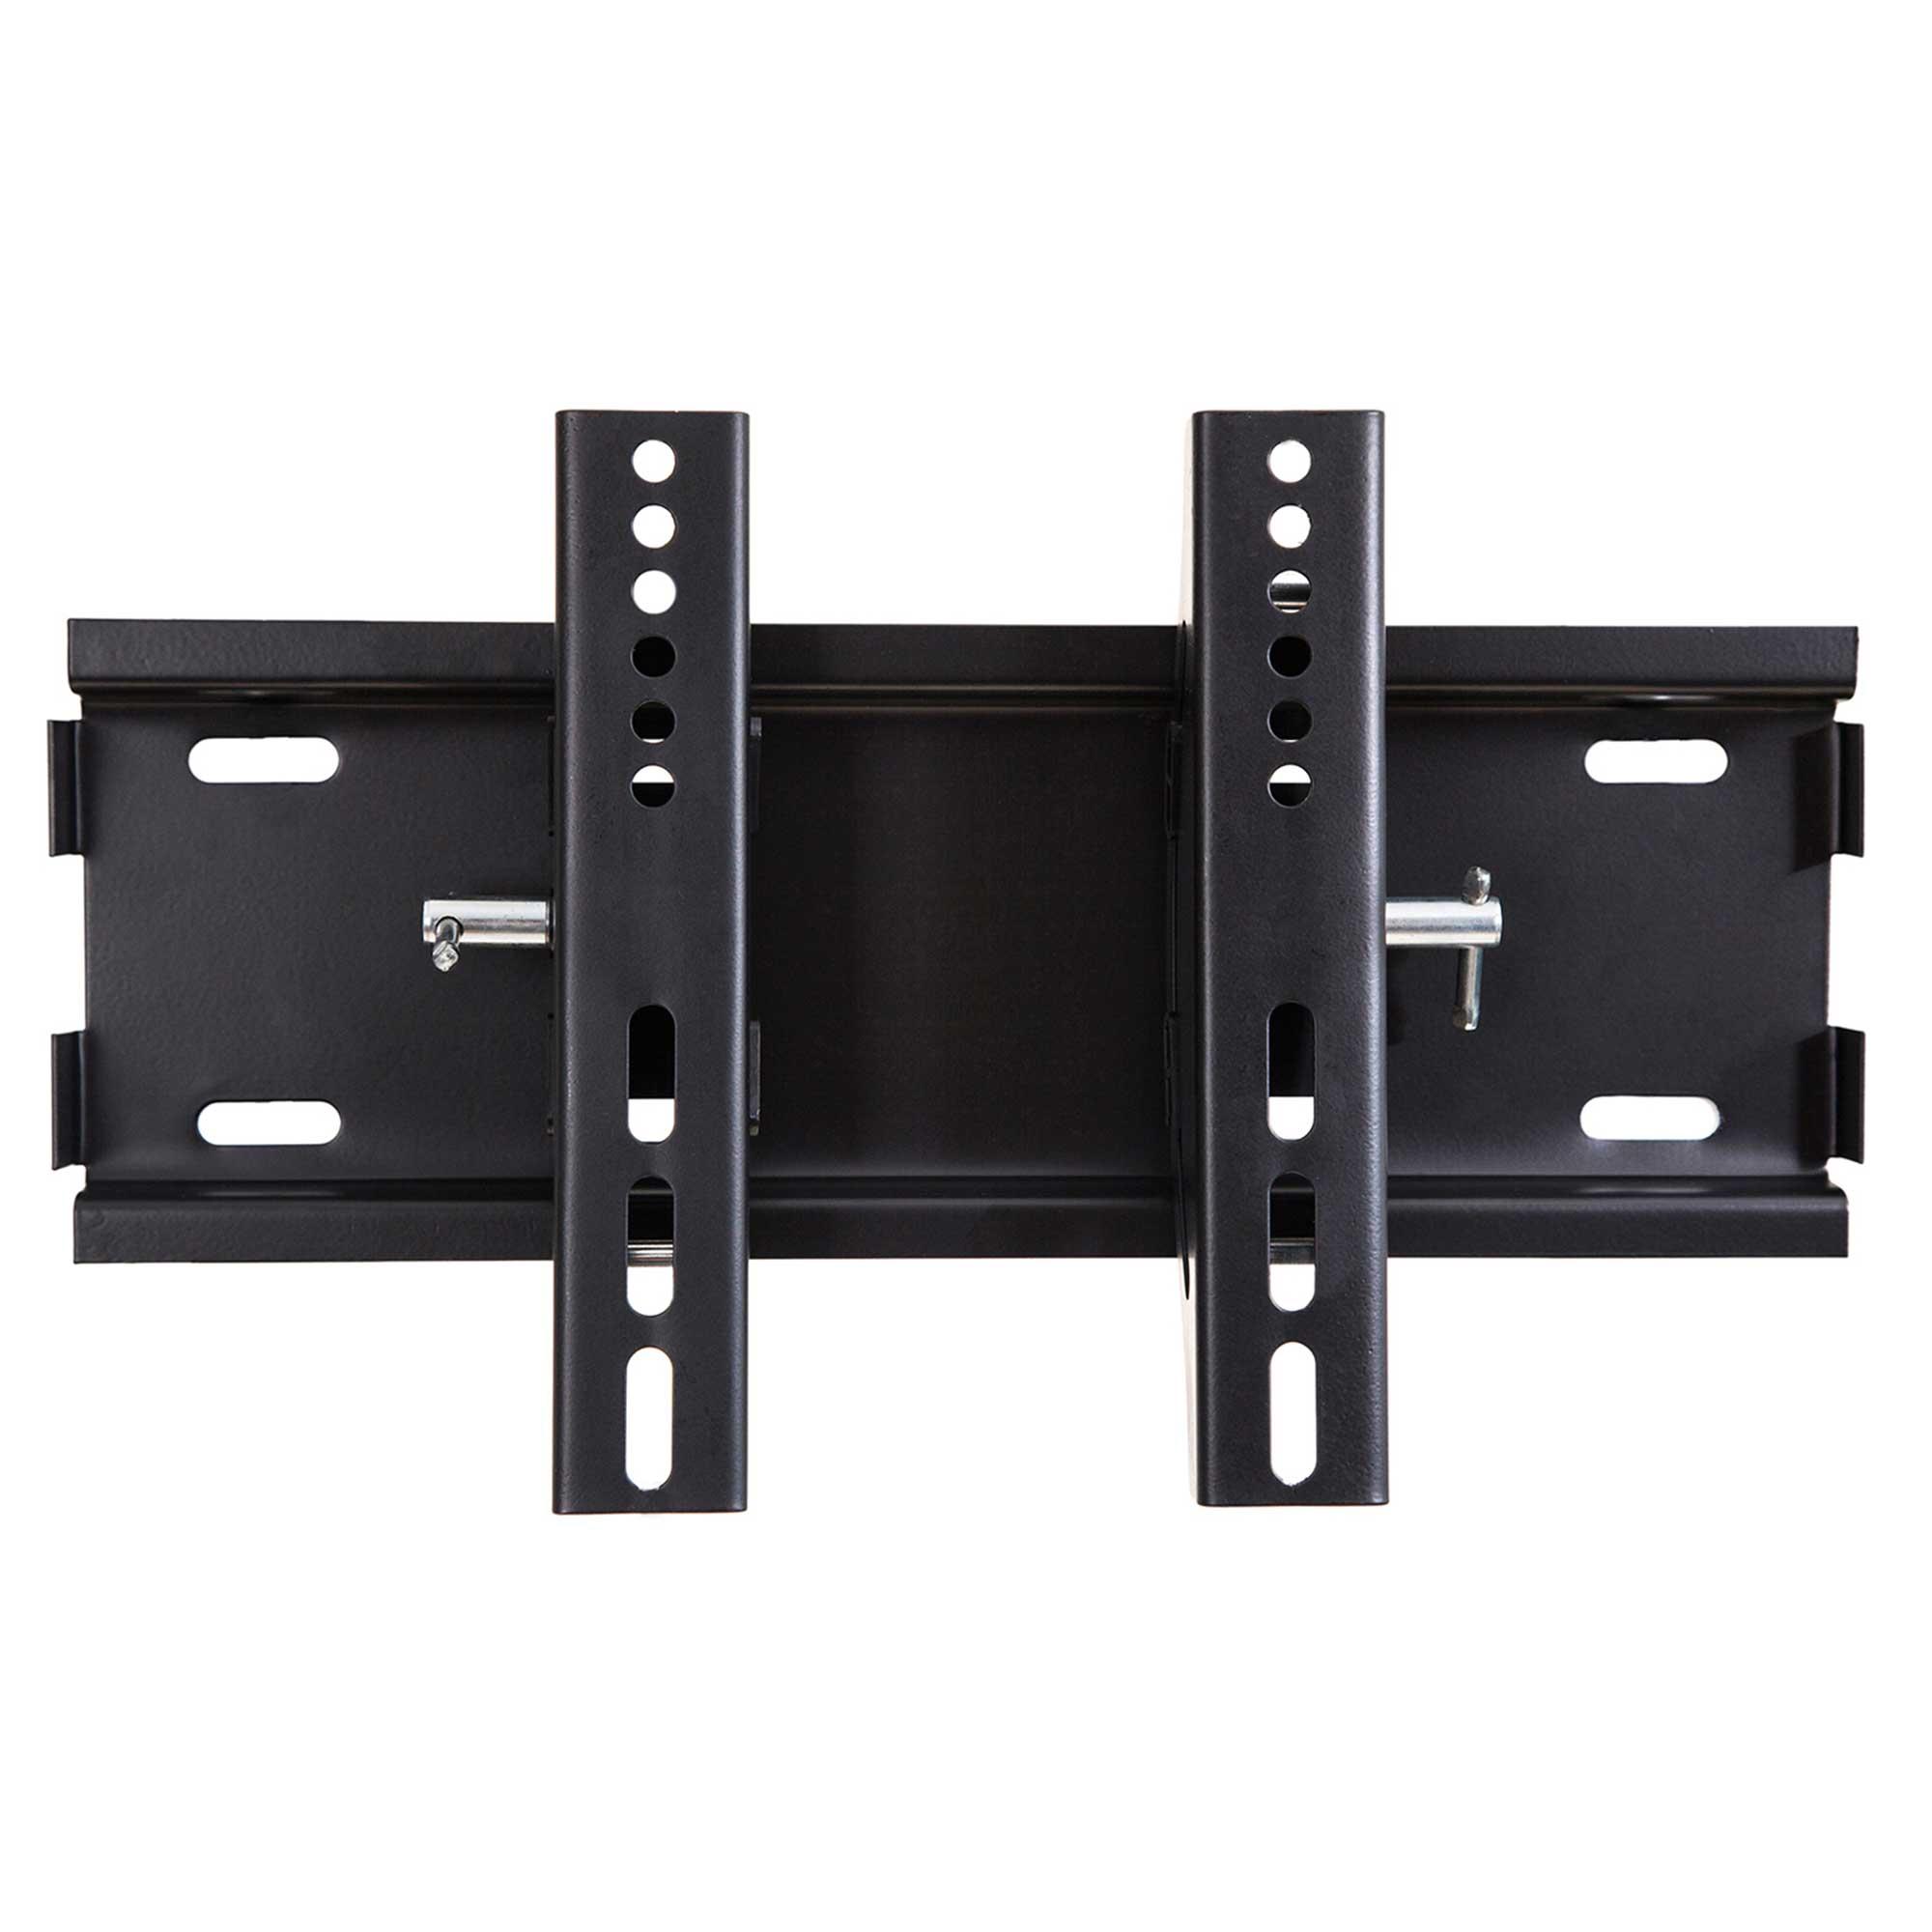 خرید اینترنتی پایه دیواری TNS مدل BT WR 03 مناسب برای تلویزیون های 19 تا 32 اینچ اورجینال